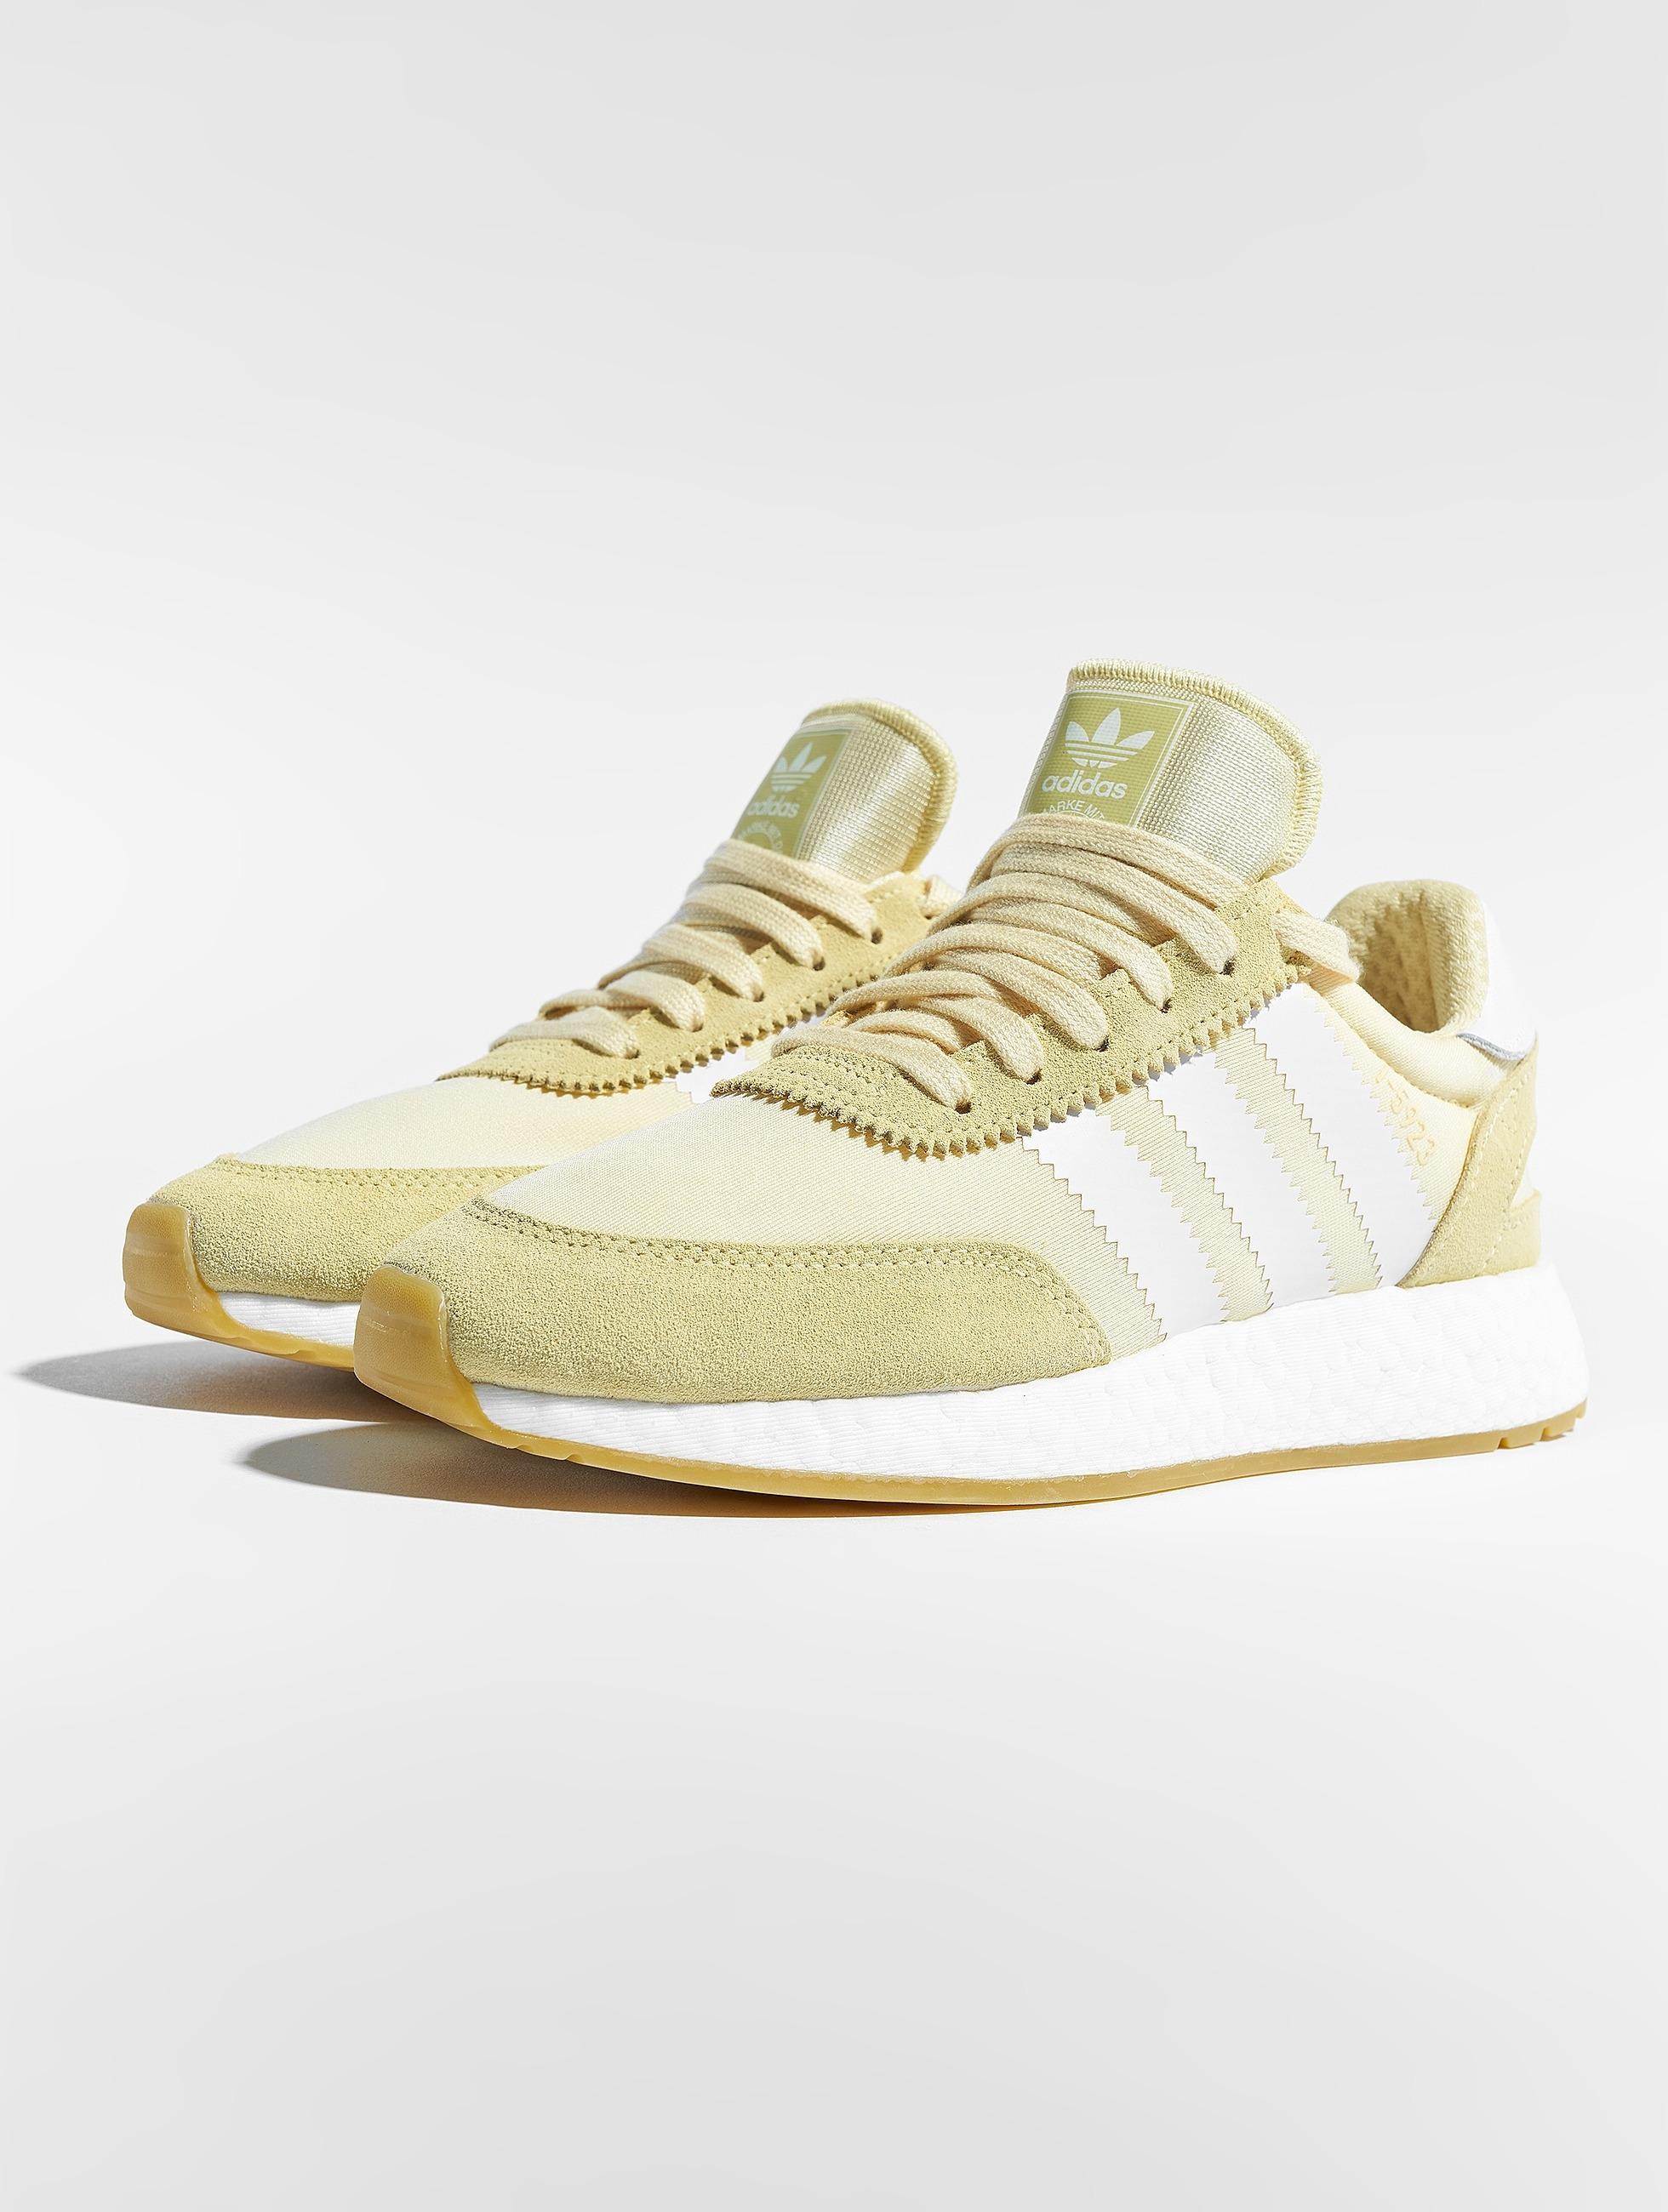 23a0acdeea8 adidas originals schoen / sneaker I-5923 in geel 498588